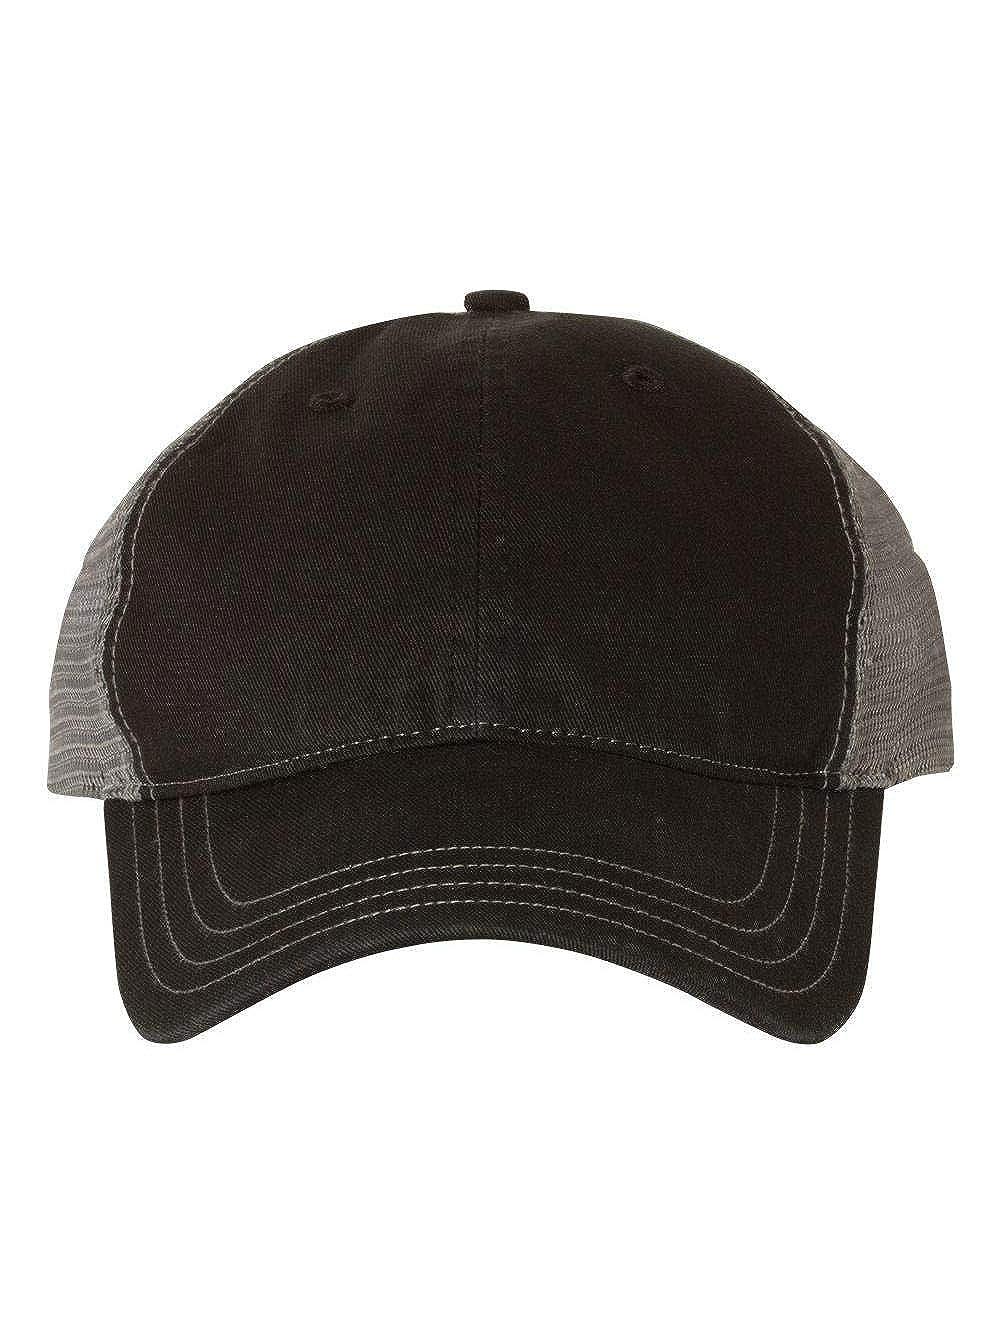 824f2065629 Amazon.com: Richardson Cap Adult Unisex 111 Garment Washed Front/Mesh Back  Caps: Clothing